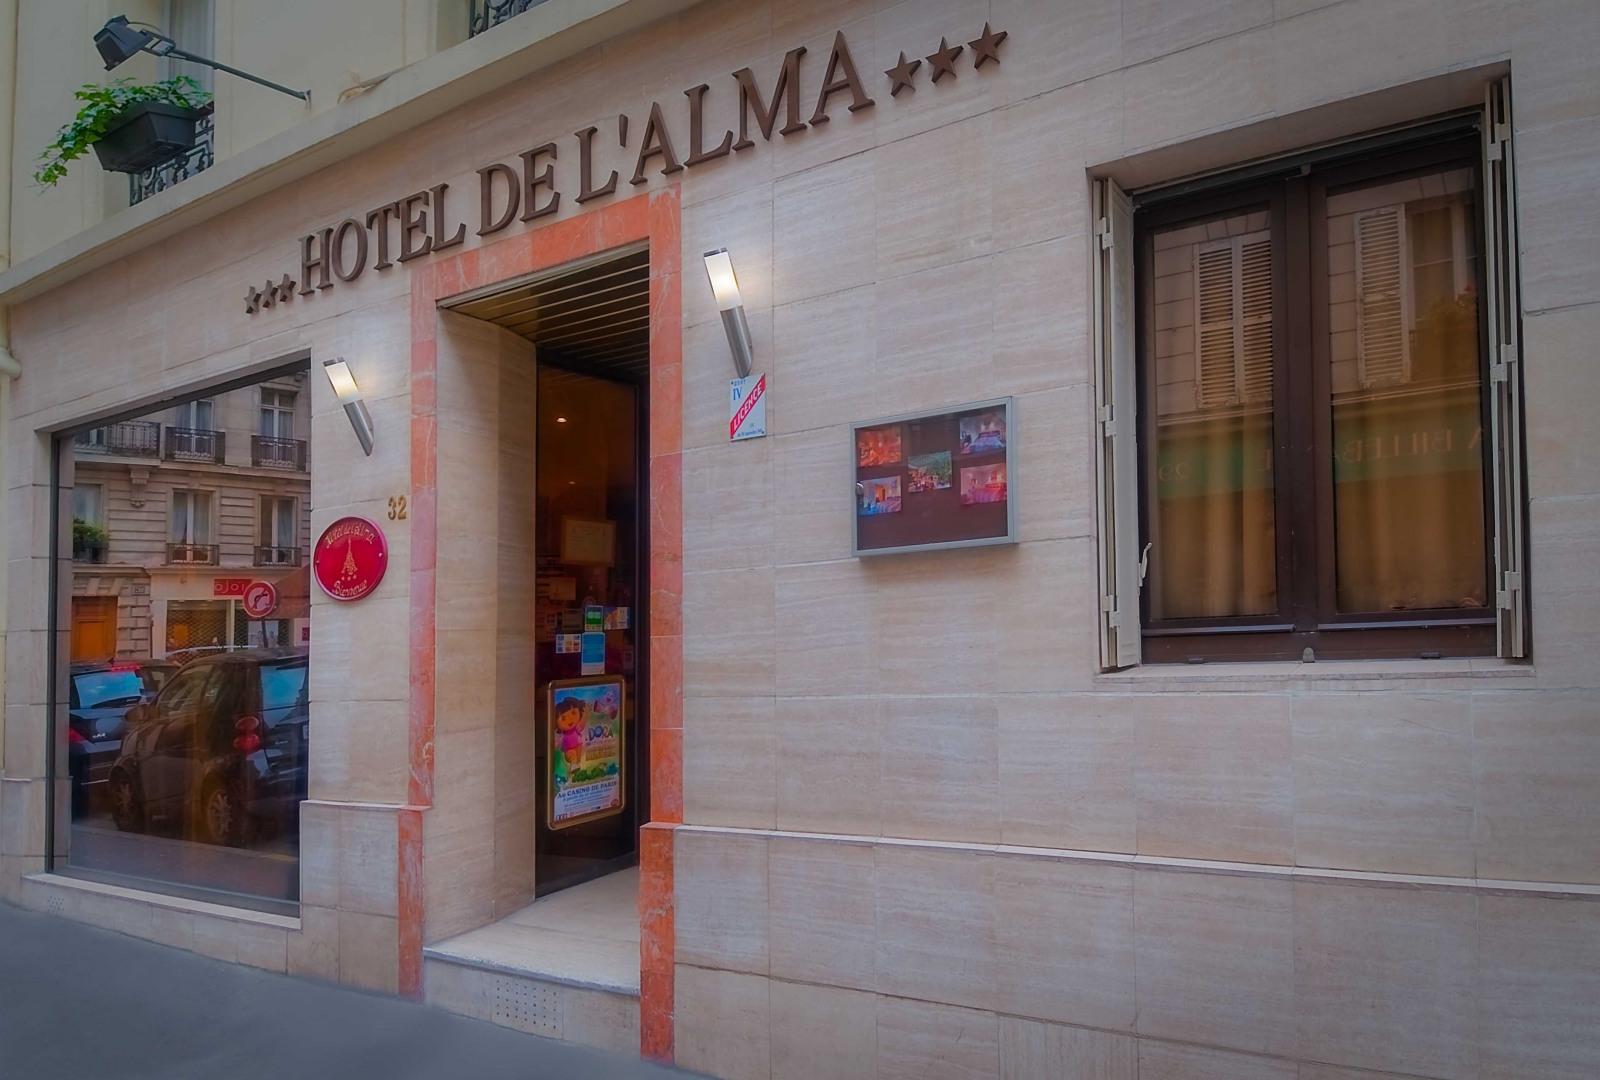 Hôtel de l'Alma - ホテル